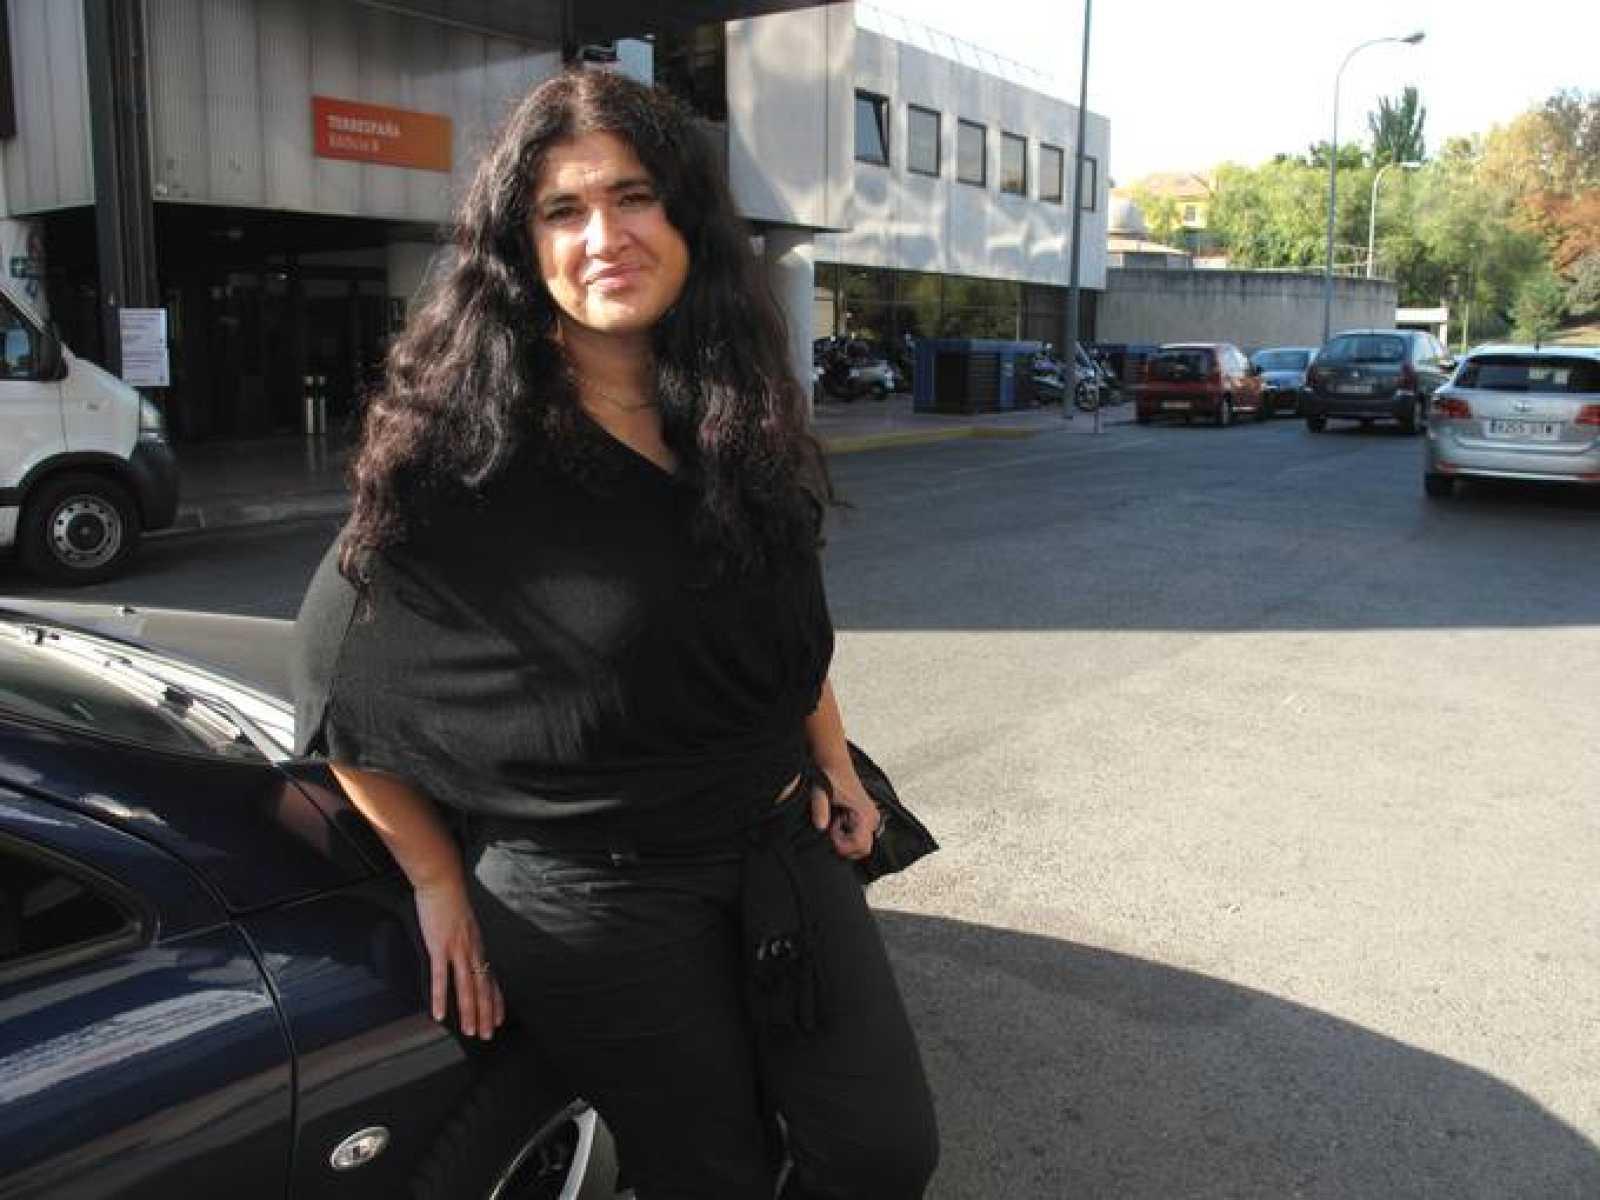 Lucía Etxebarria, tras el encuentro digital en RTVE.es